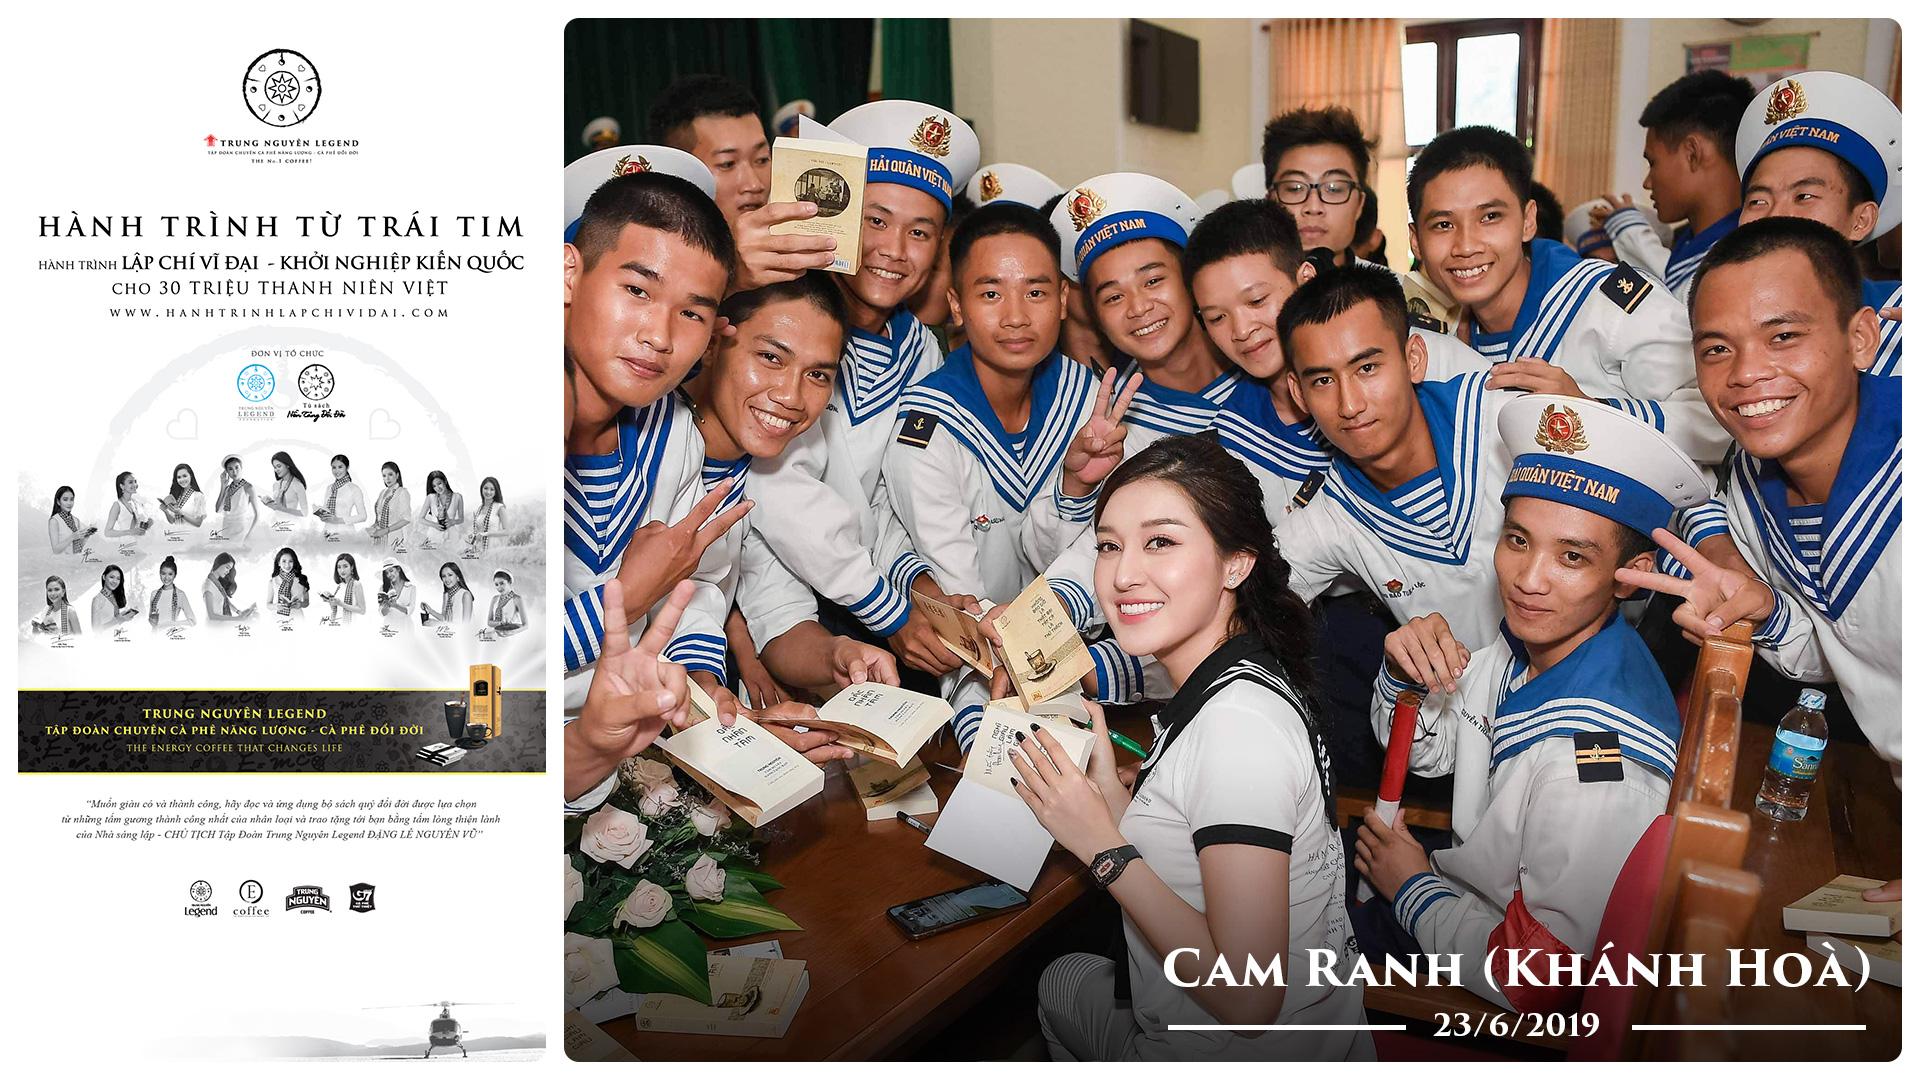 Hành trình từ Trái tim đến với quân cảng Cam Ranh – Khánh Hoà